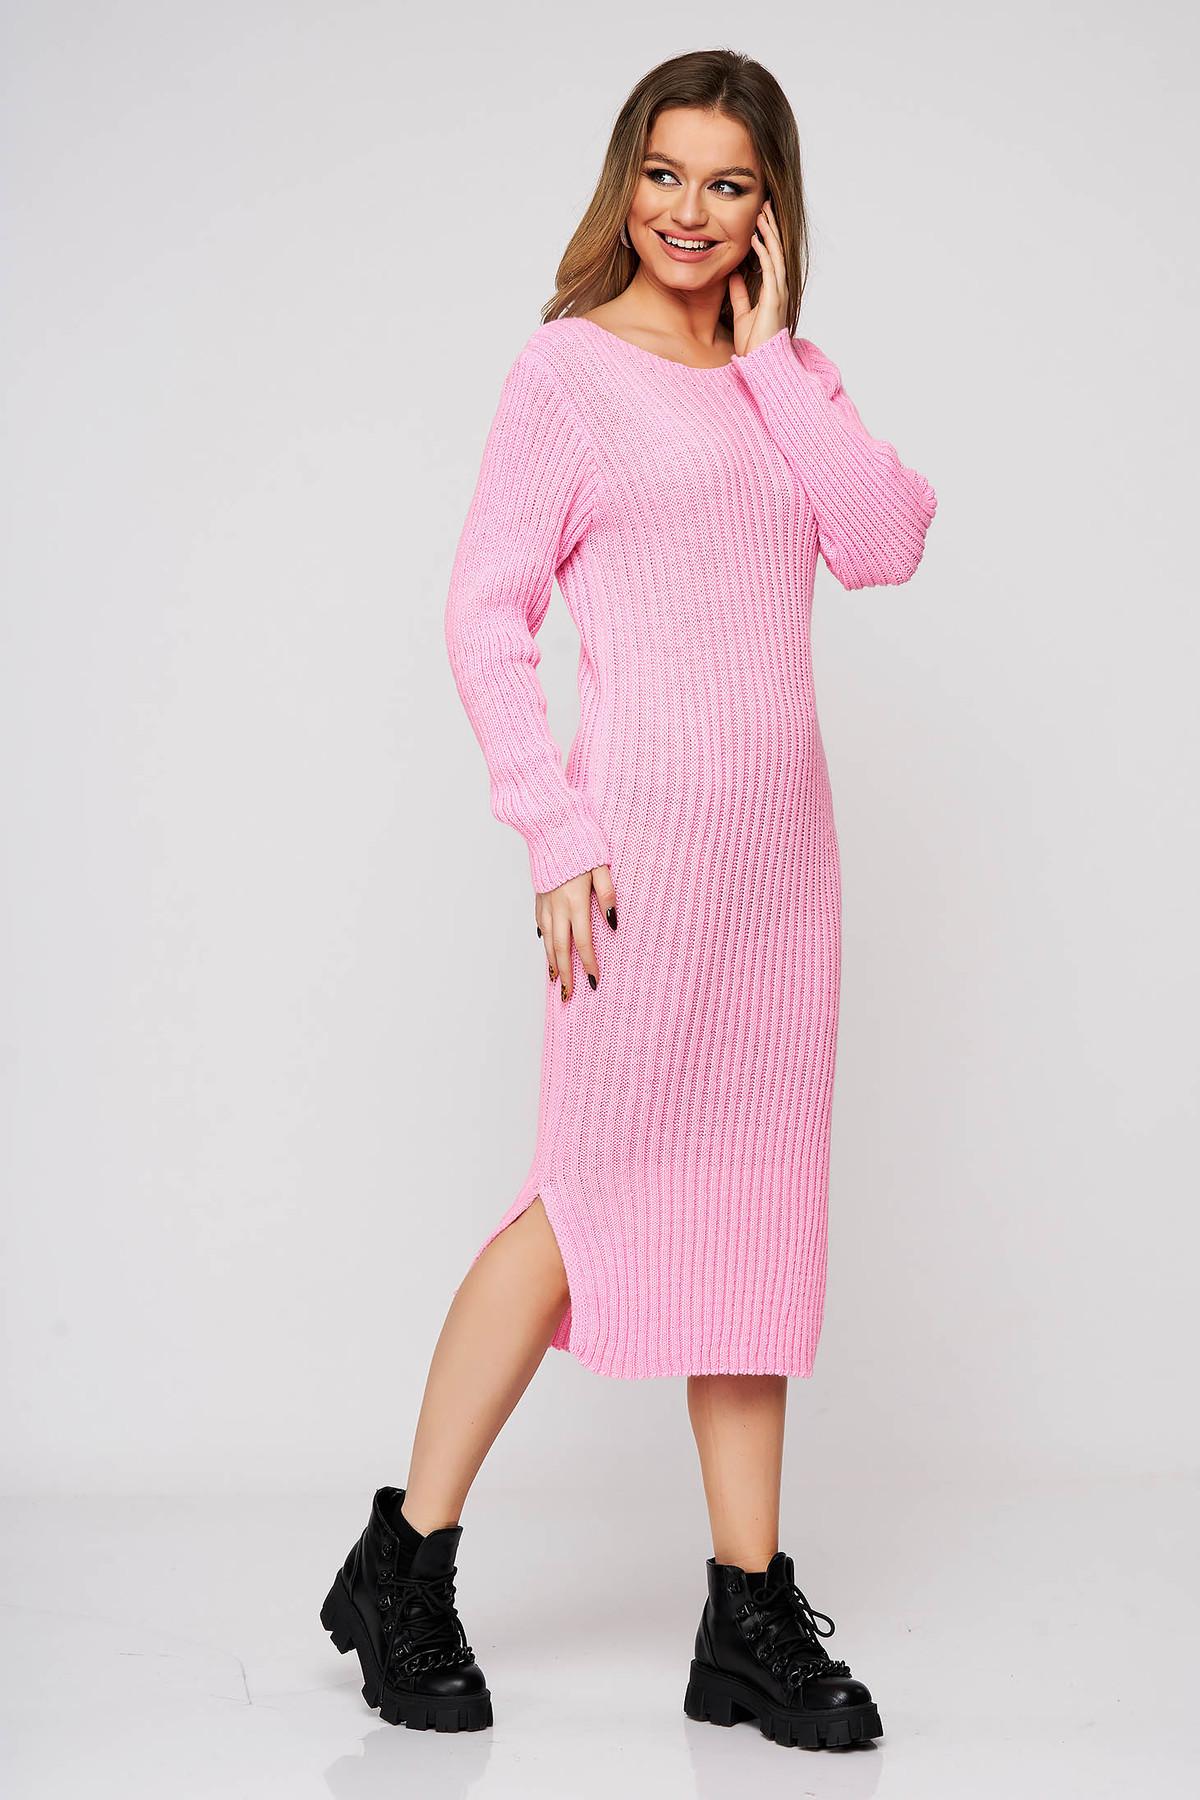 Rochie SunShine roz-deschis din tricot reiat cu slituri laterale cu un croi mulat midi